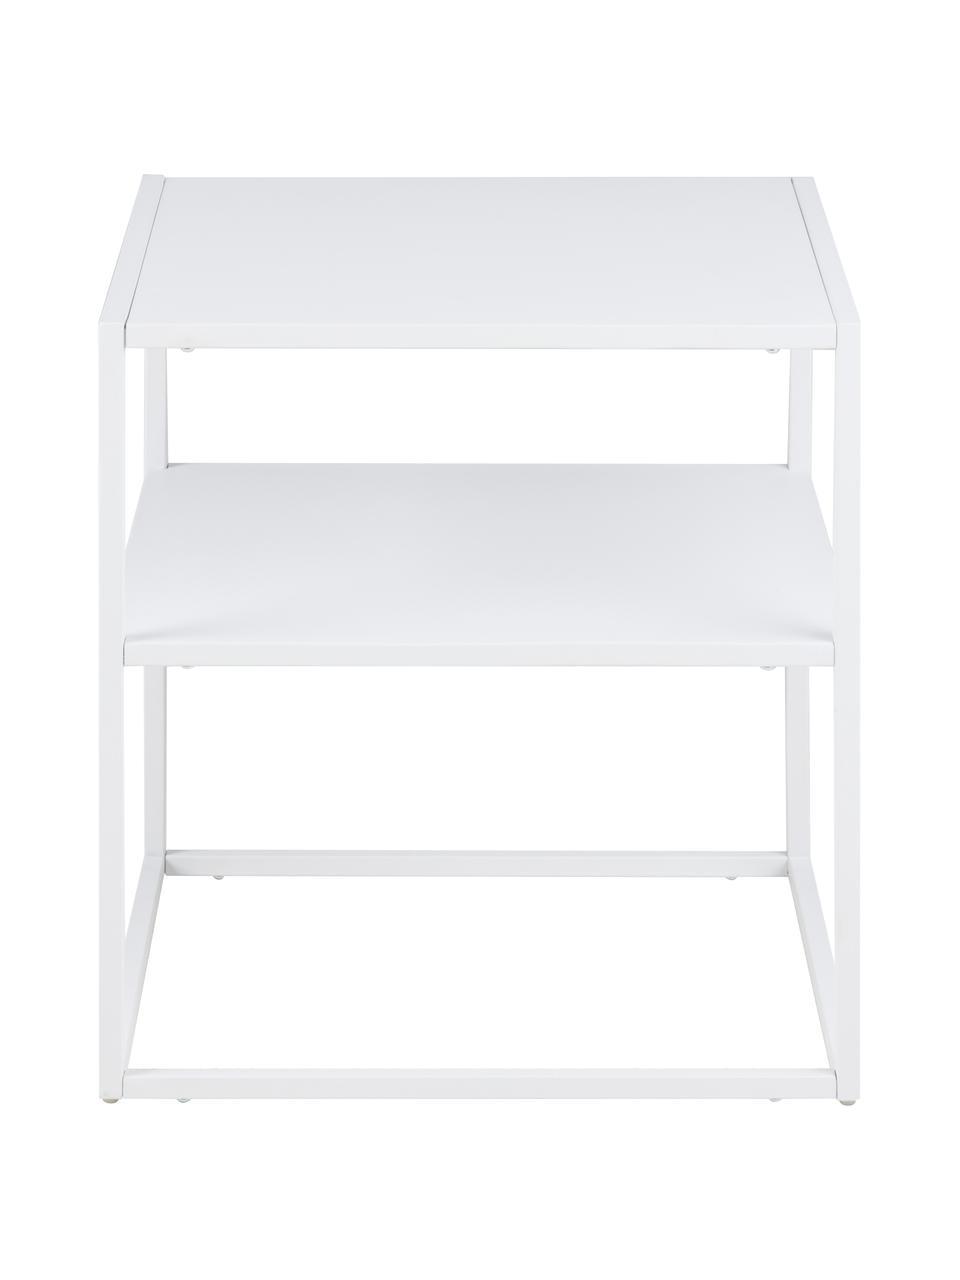 Stolik pomocniczy z metalu Neptun, Metal malowany proszkowo, Biały, S 45 x G 40 cm